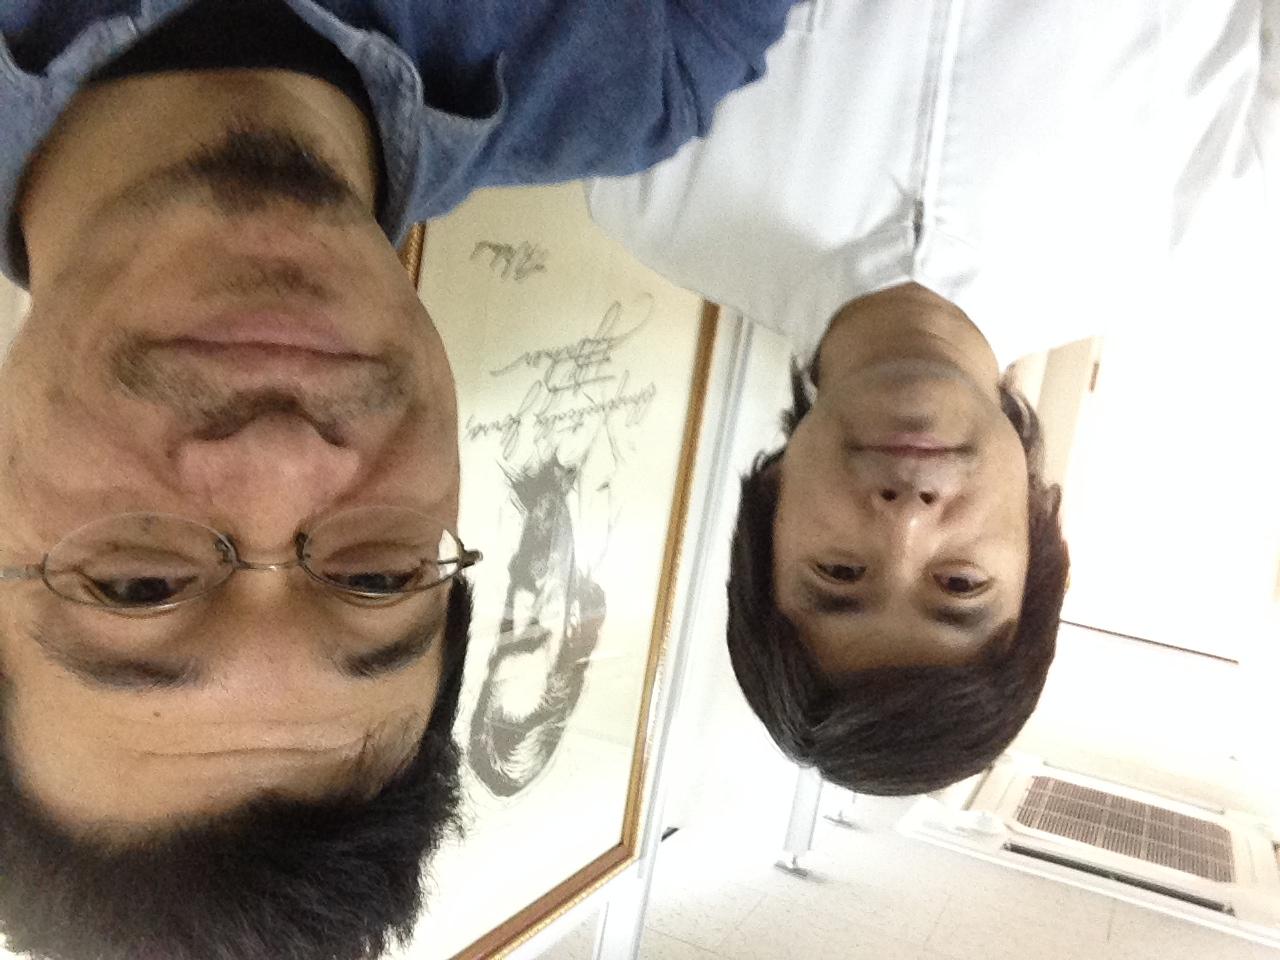 http://www.354976.jp/DRT.JPG